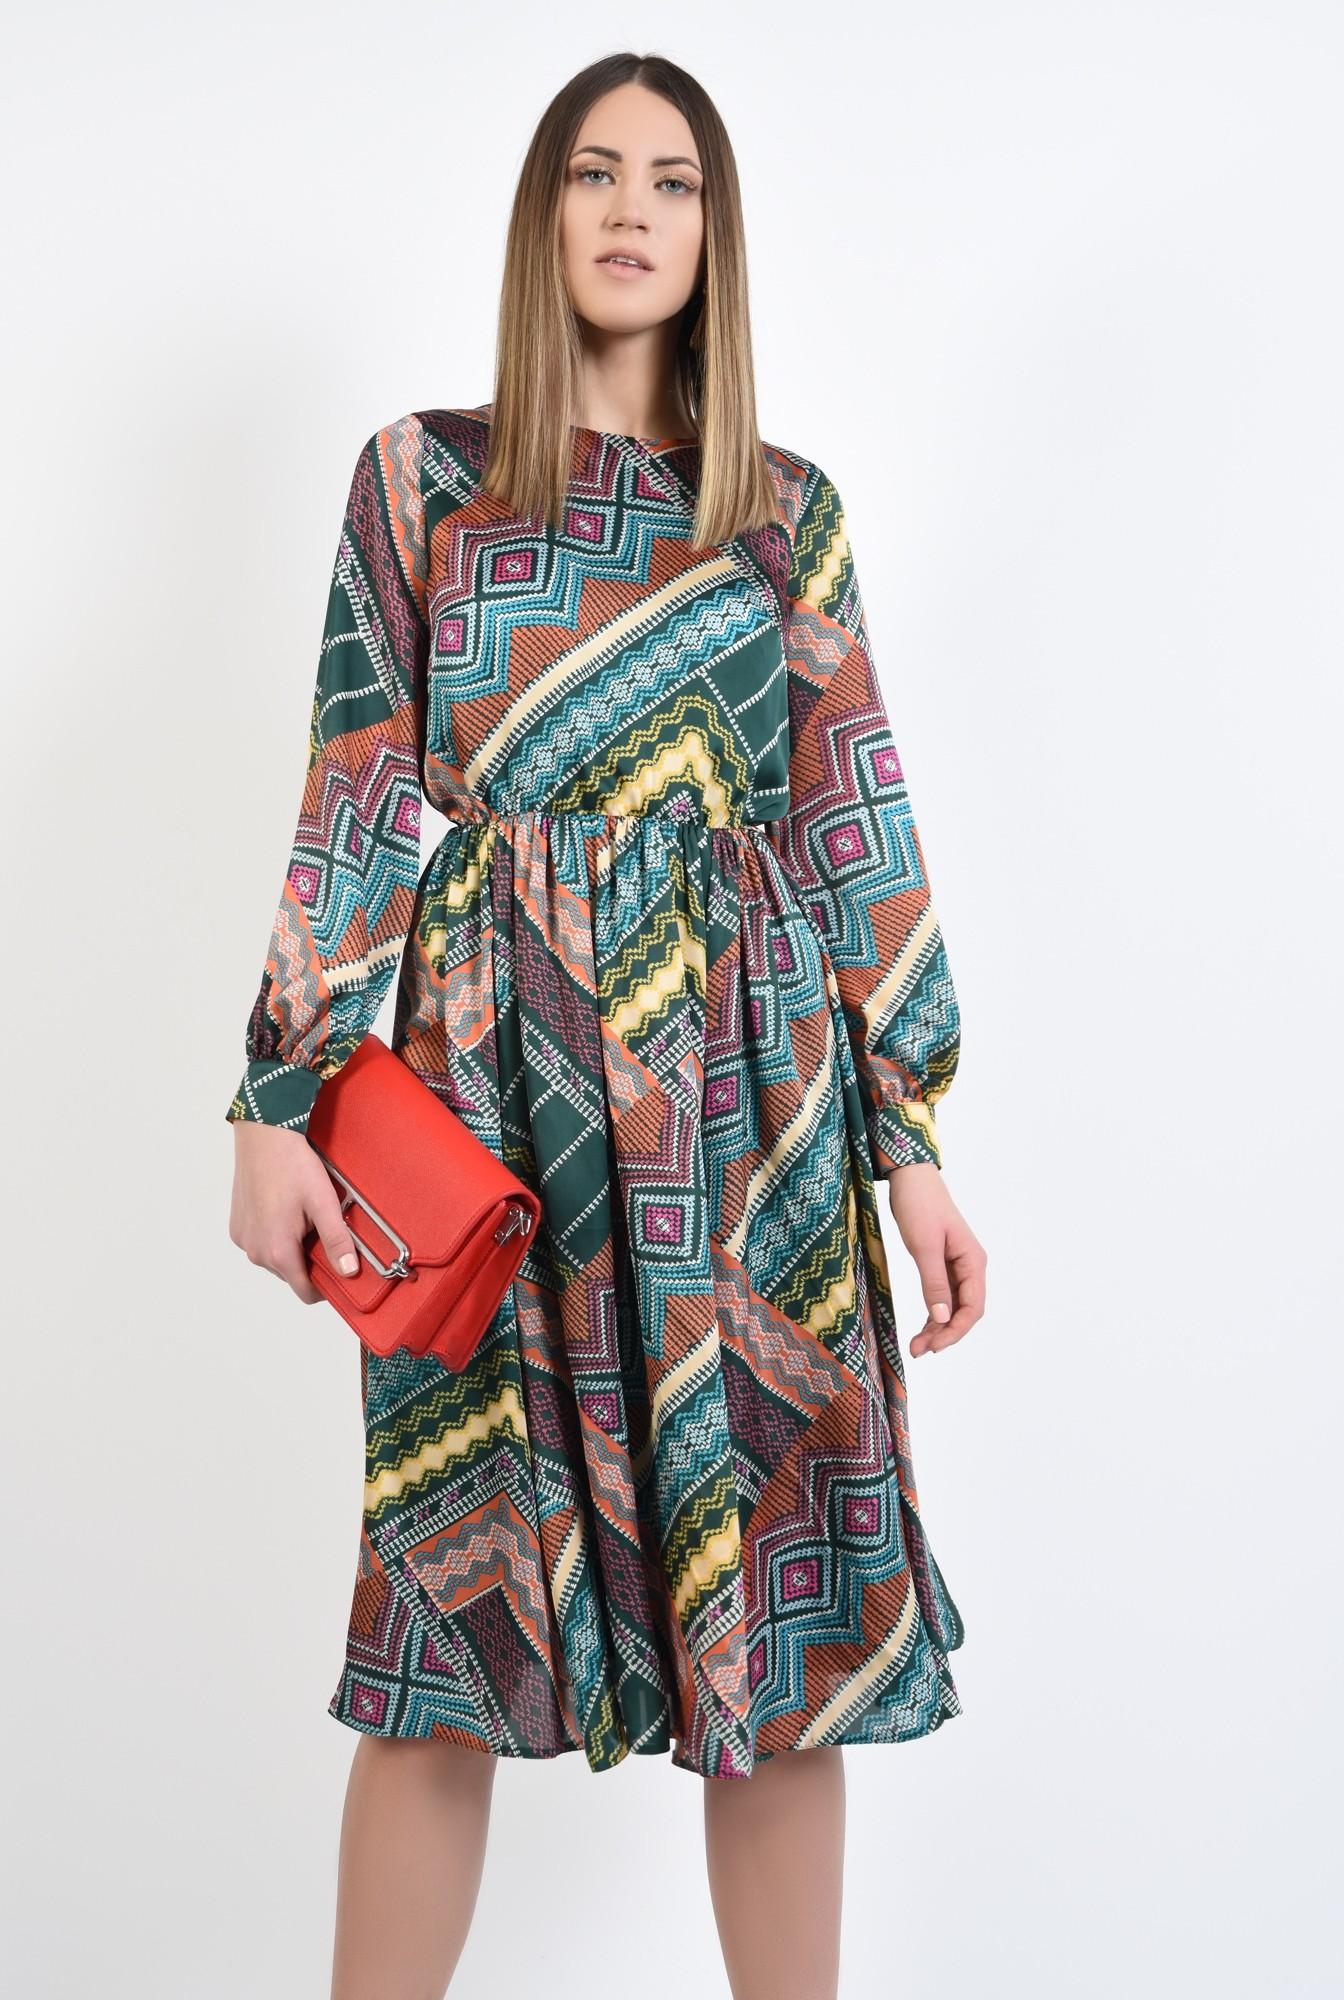 0 - 360 - rochie casual, imprimata, print geometric multicolor, lungime midi, evazata